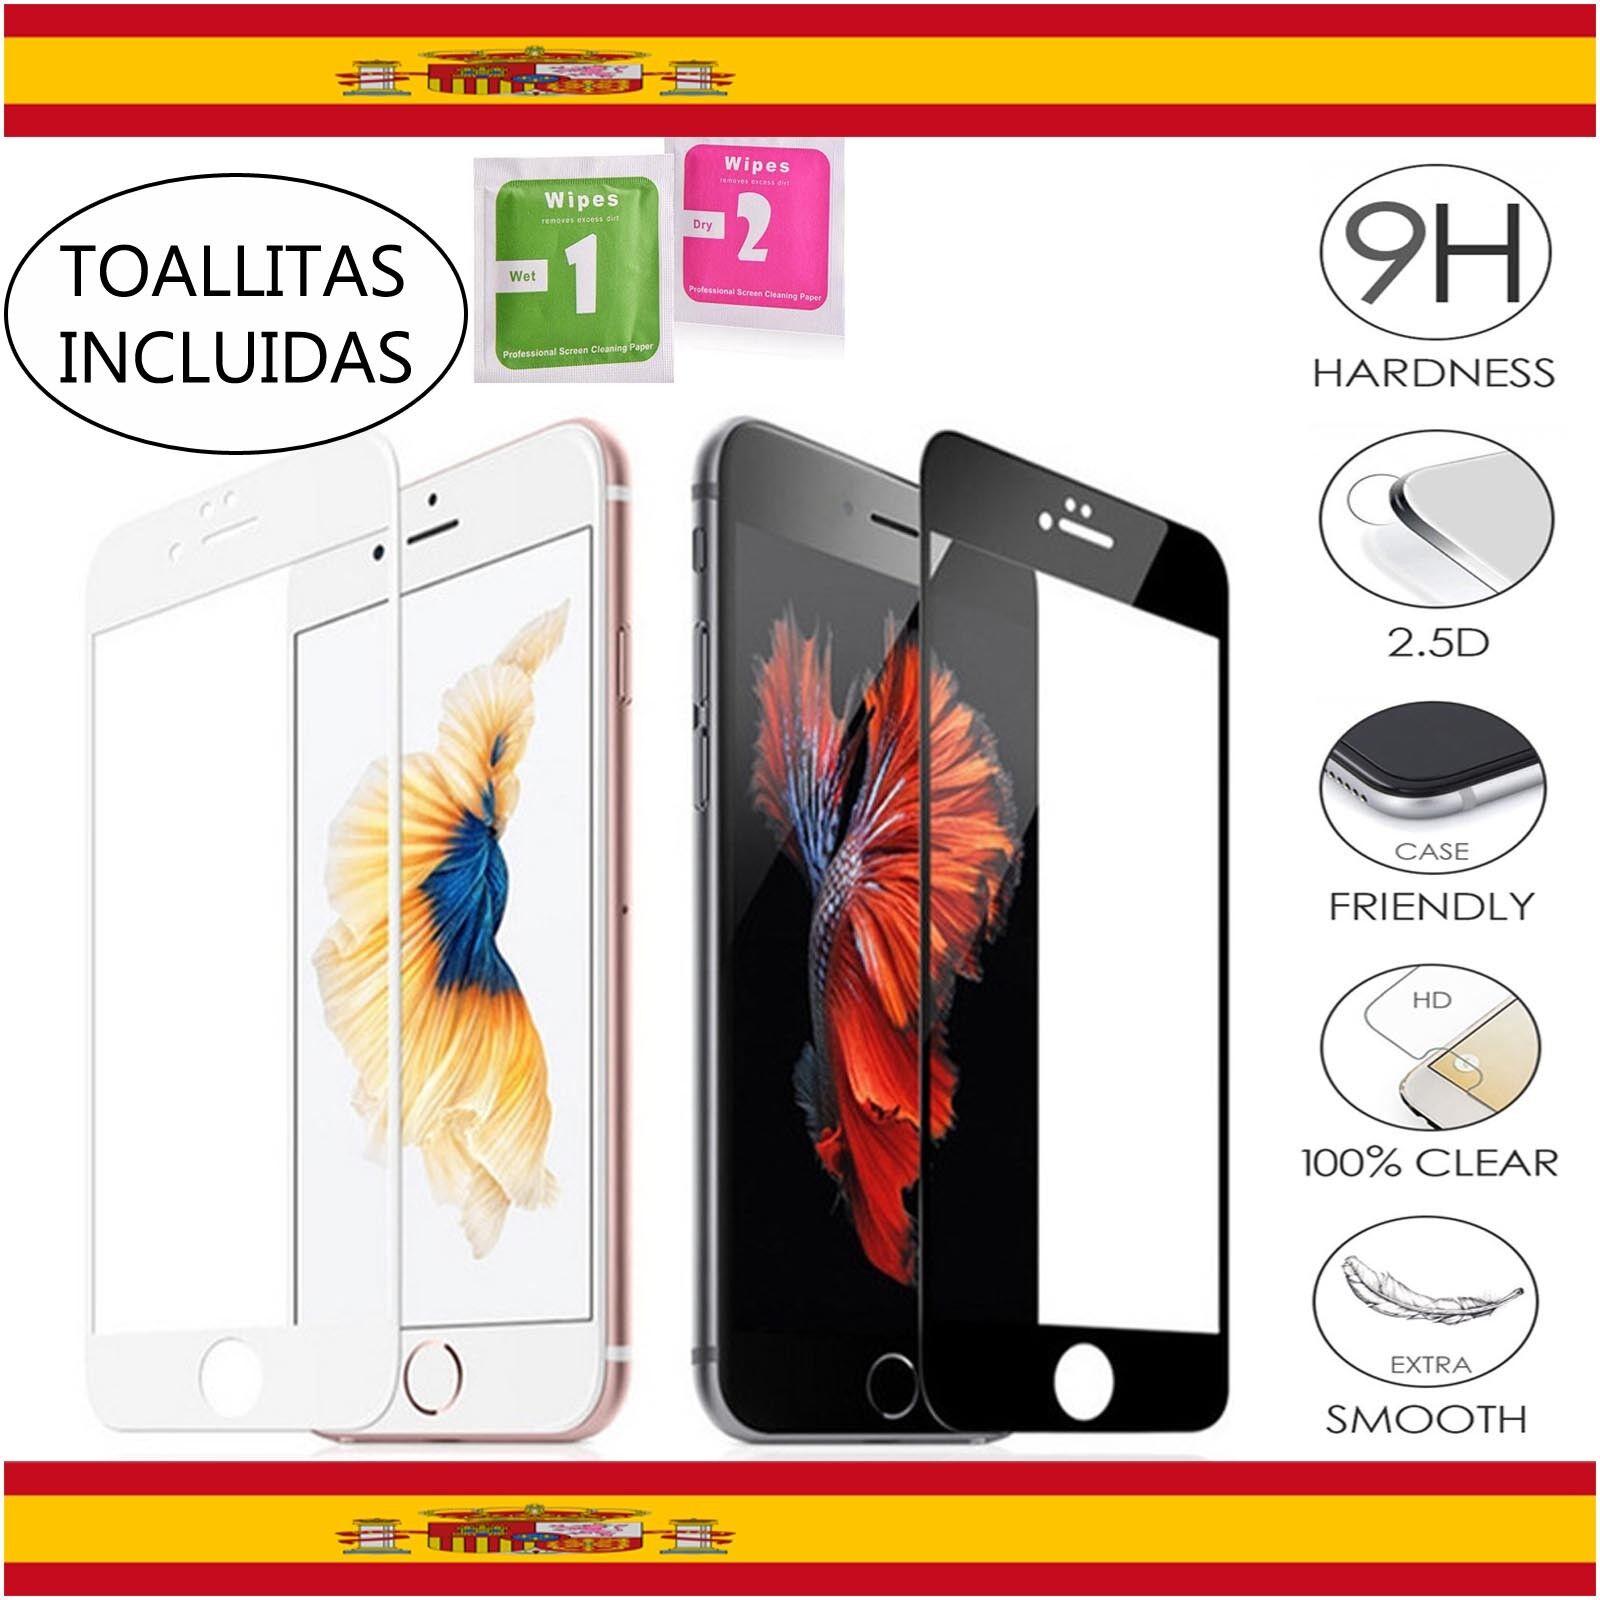 65f1398af9a PROTECTOR COMPLETO PANTALLA DE CRISTAL TEMPLADO PARA IPHONE 6 7 8 X G S o  Plus